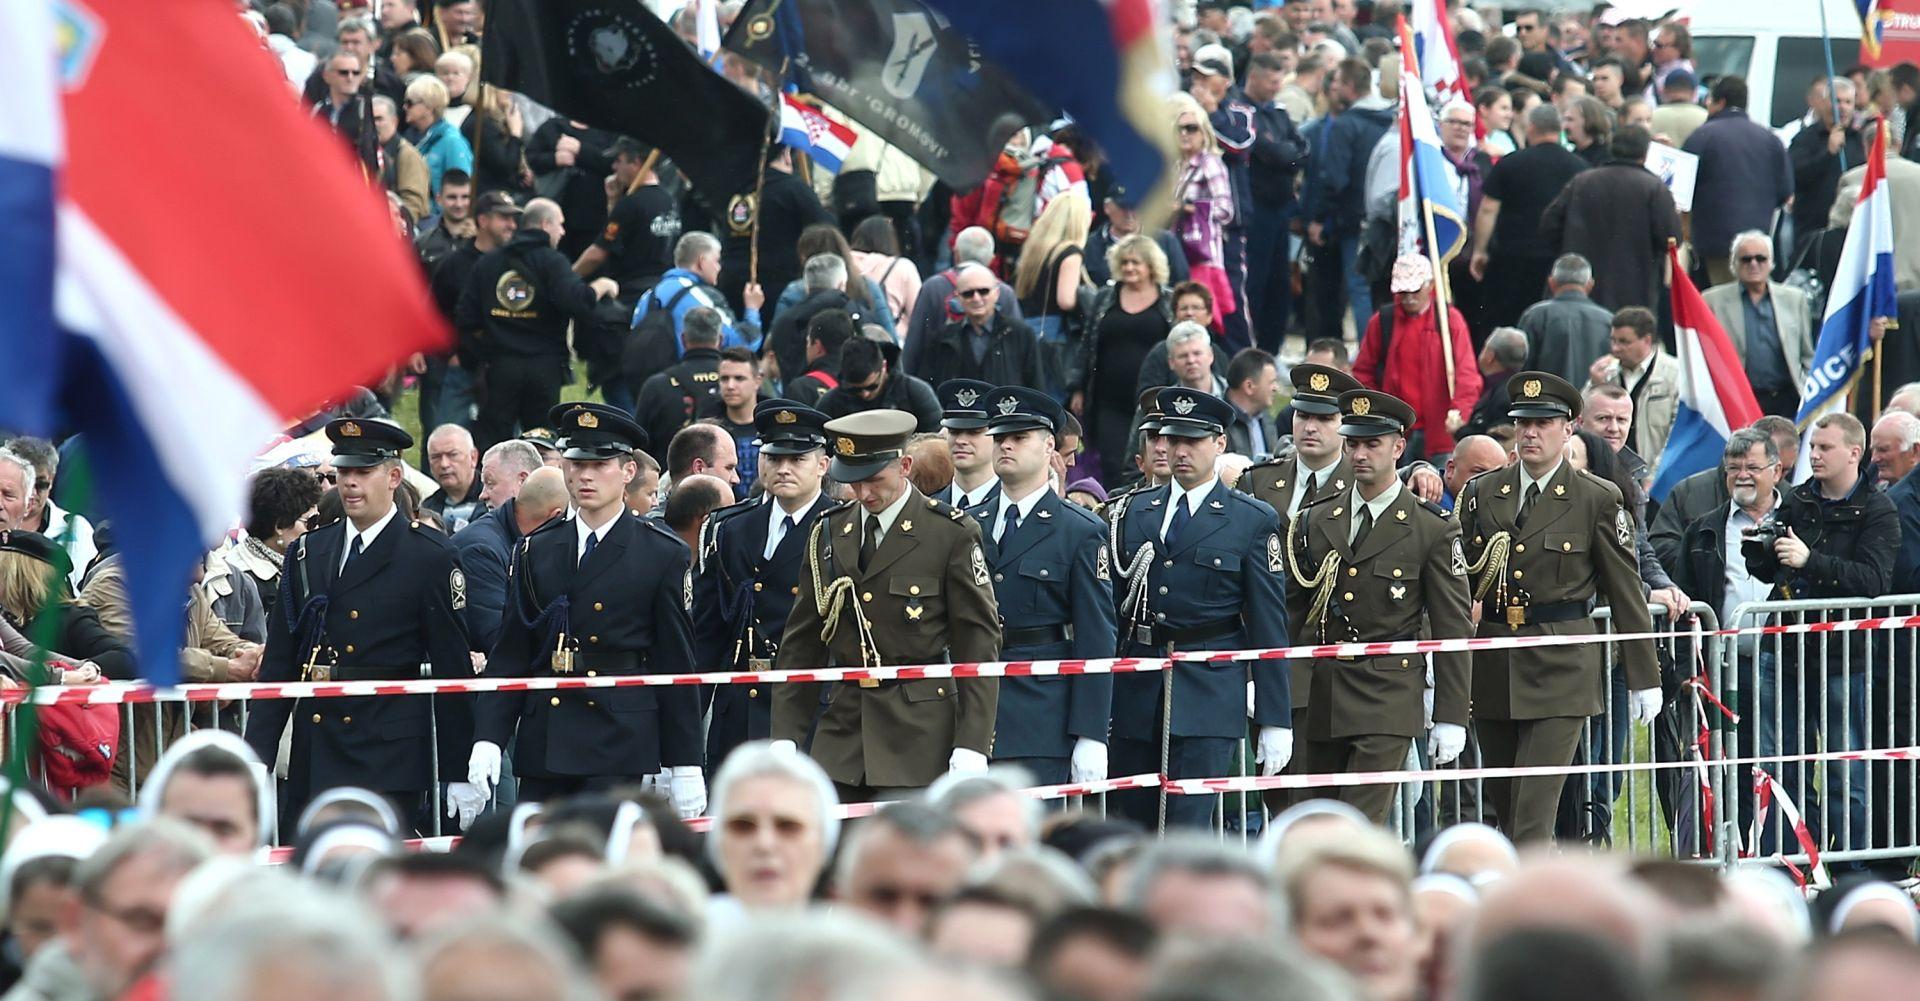 Bleiburg: 'Nesporazum u komunikaciji oko unosa ceremonijalnog oružja na komemoraciju'